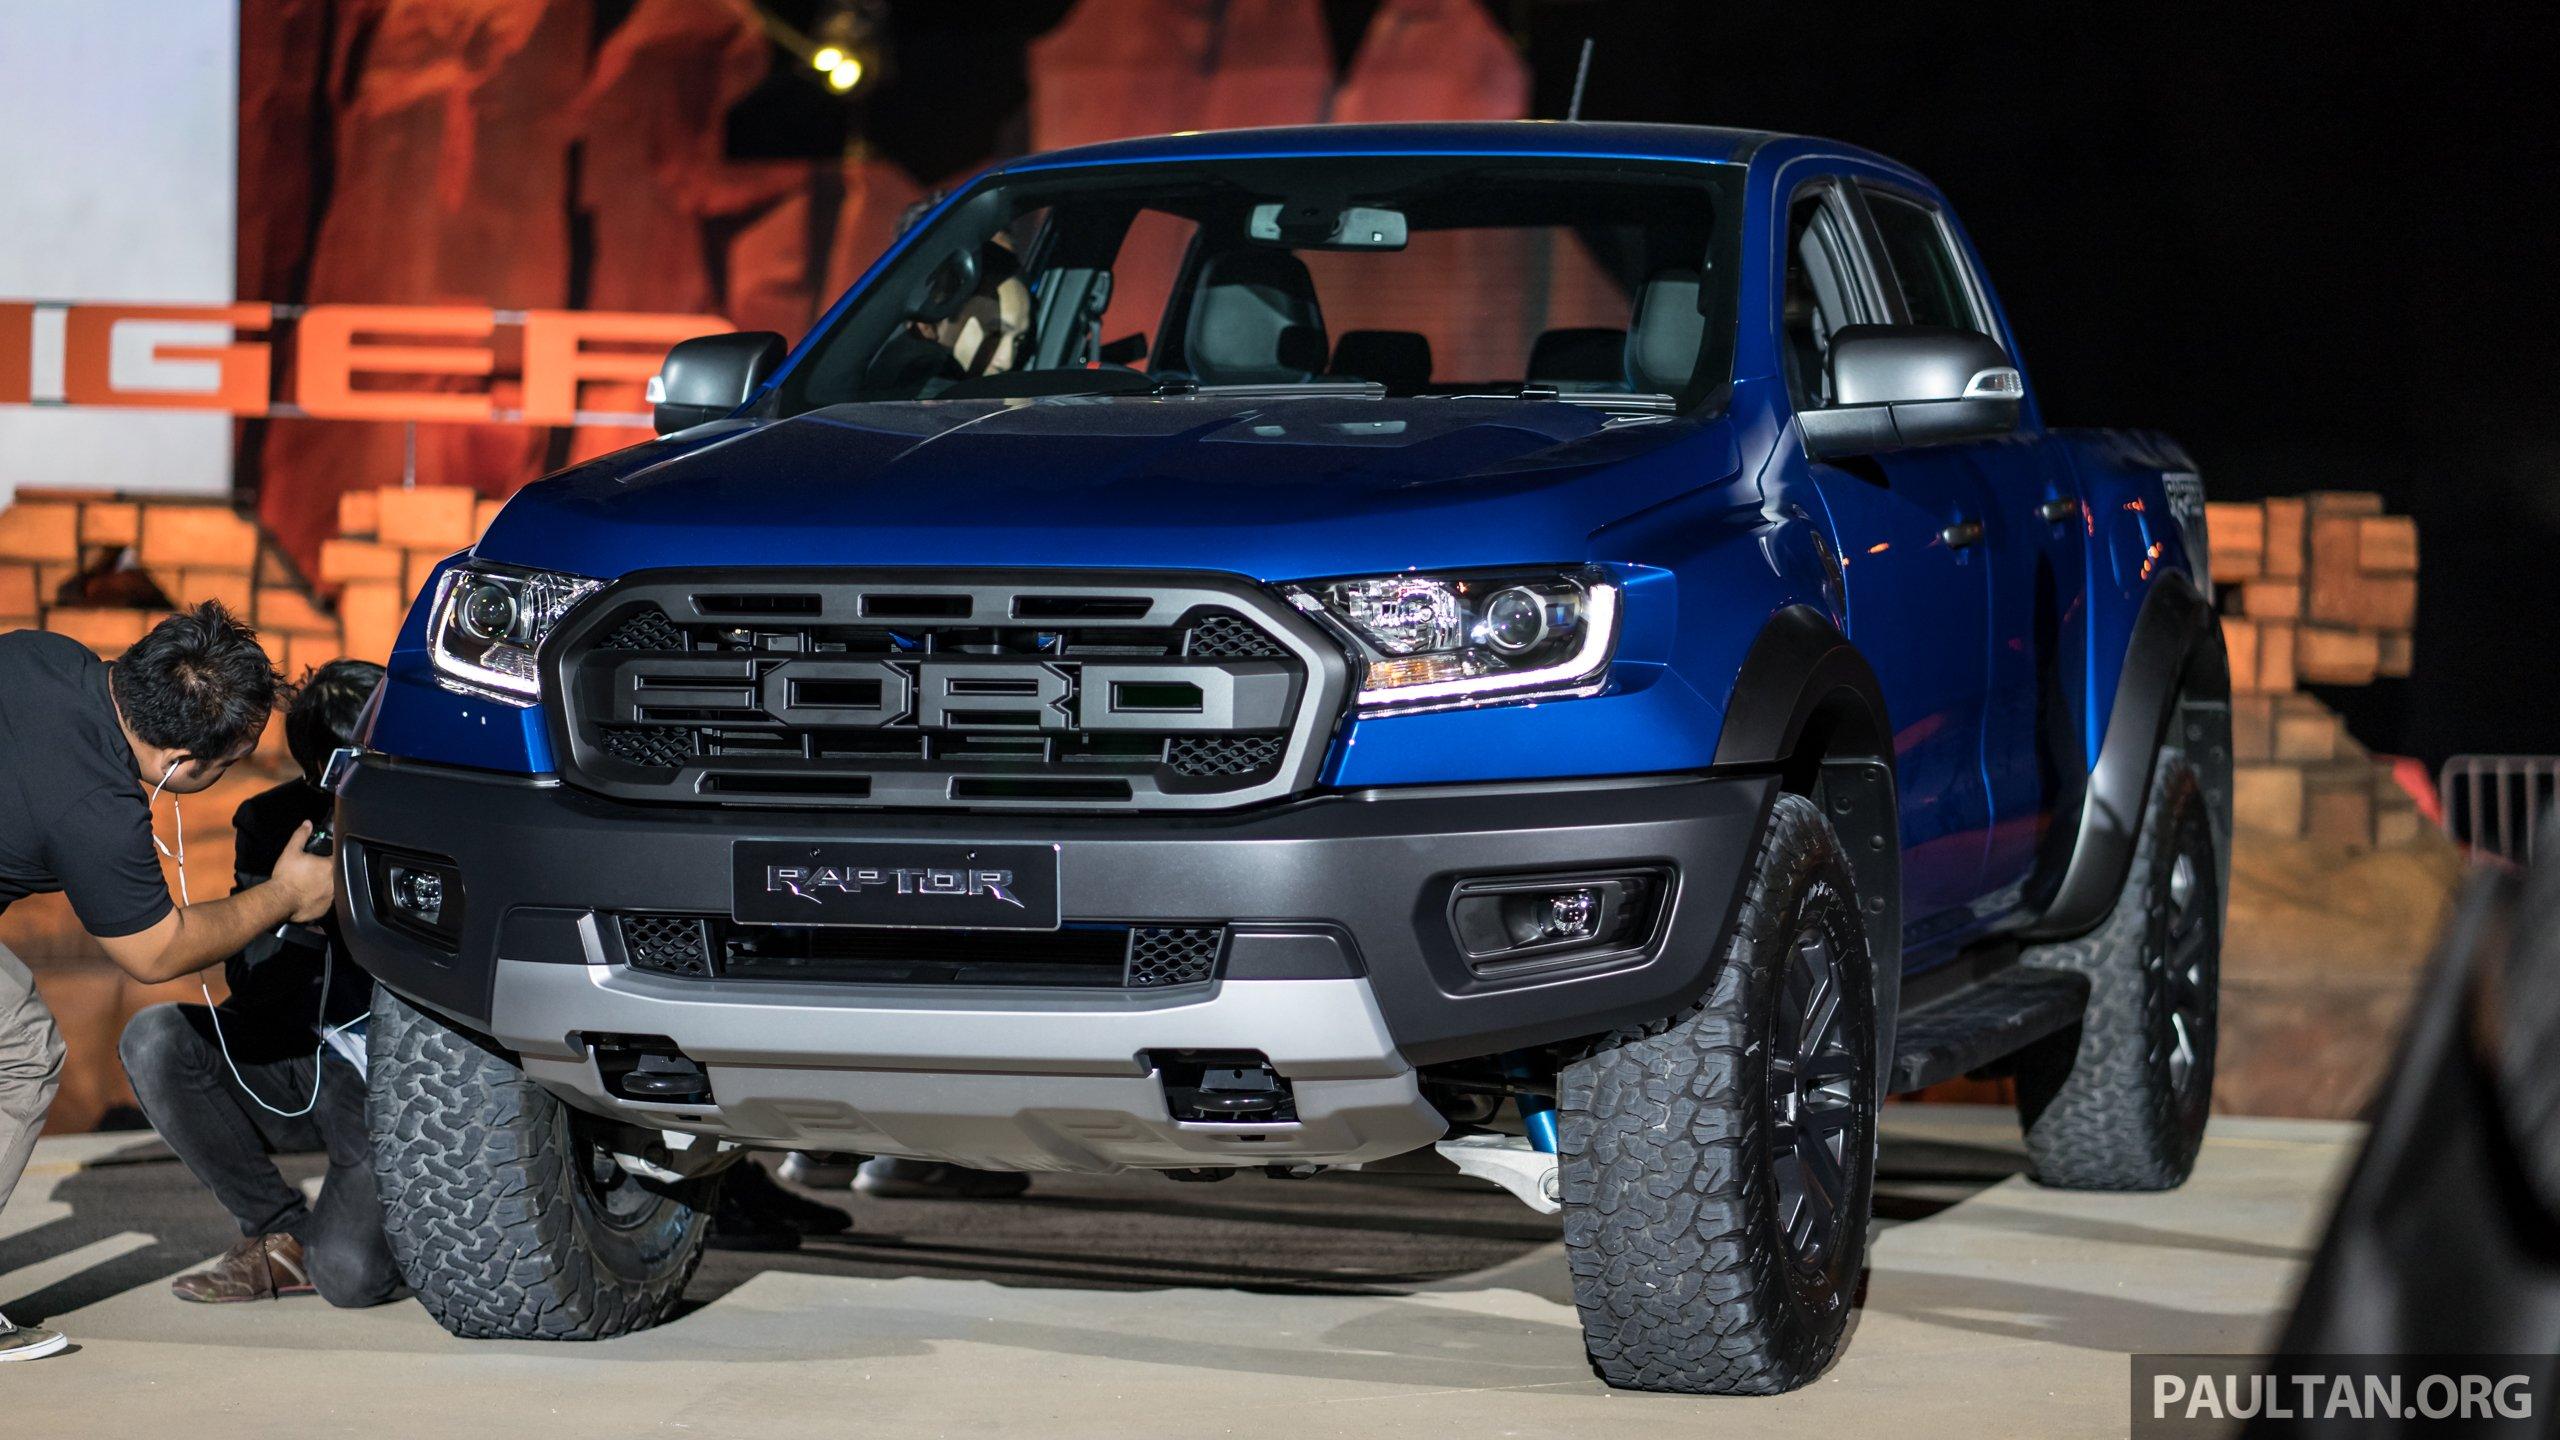 Ford Ranger Raptor Us May Get 2 7l Ecoboost But 2 0l